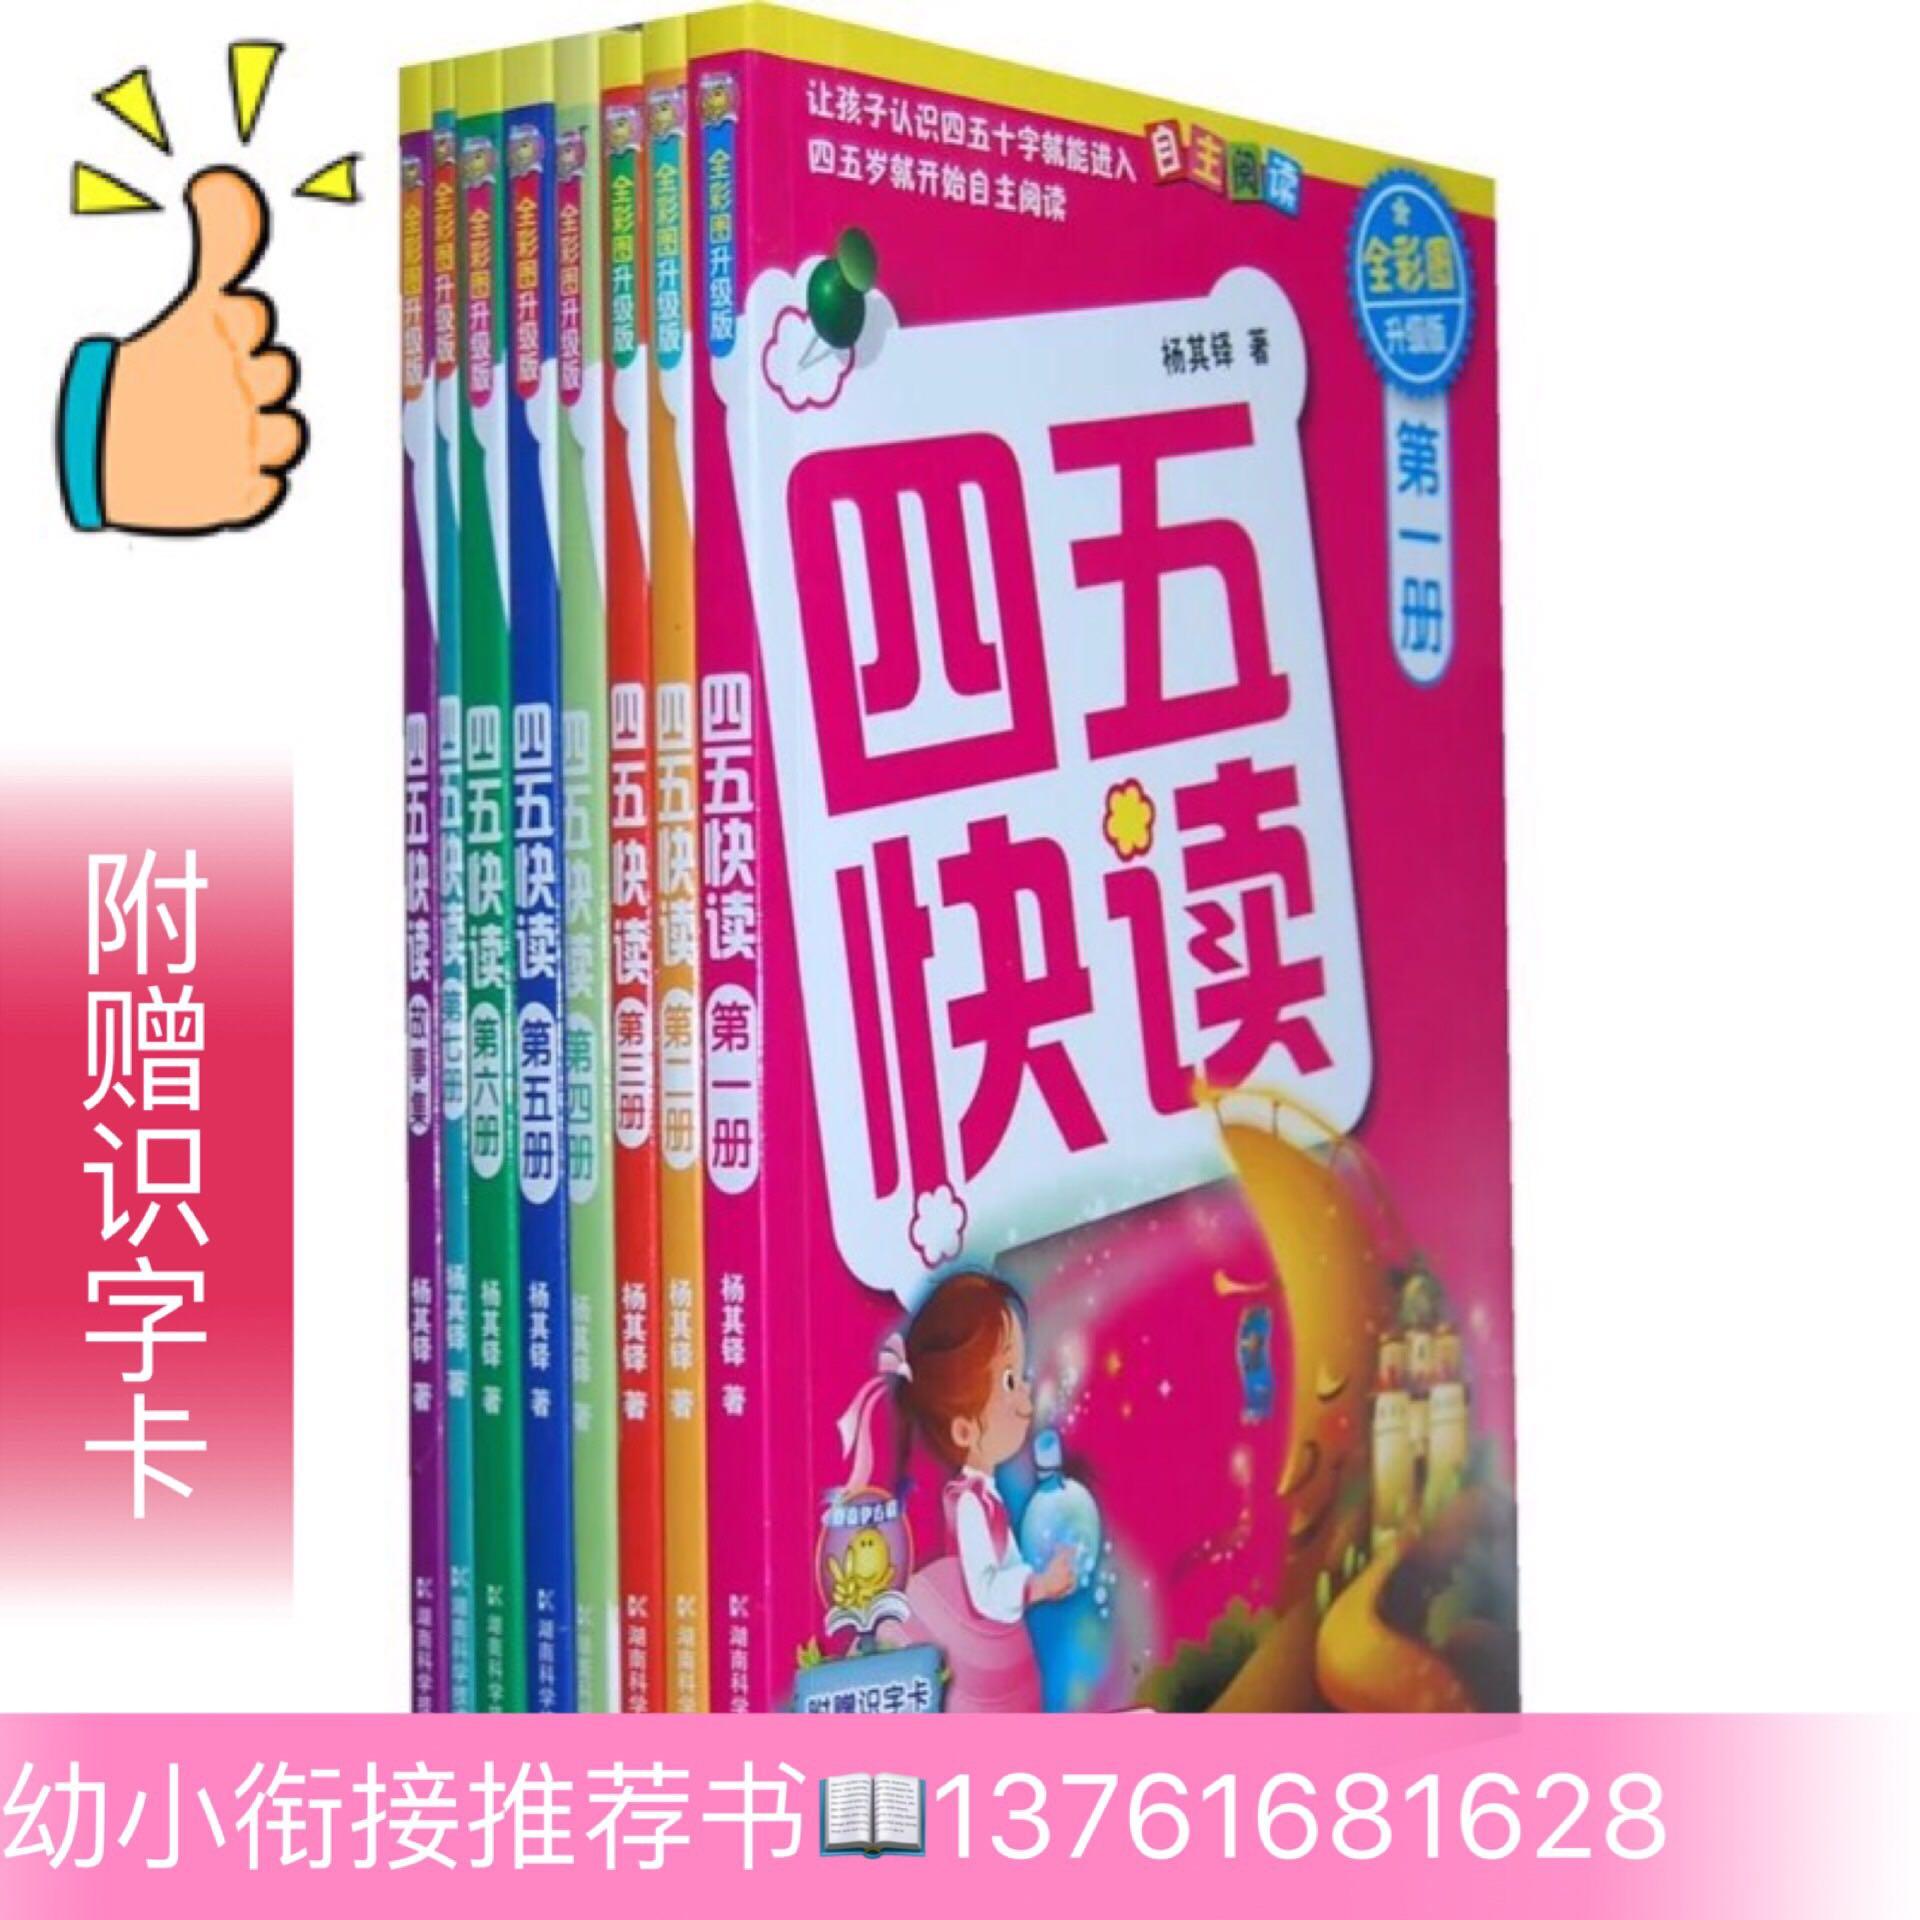 Пять четыре быстро читать молодой небольшой титульный подключать признать слово грамотность учебный материал бесплатная доставка 45 быстро читать полный набор 8 книга полноцветный инжир обновление версии